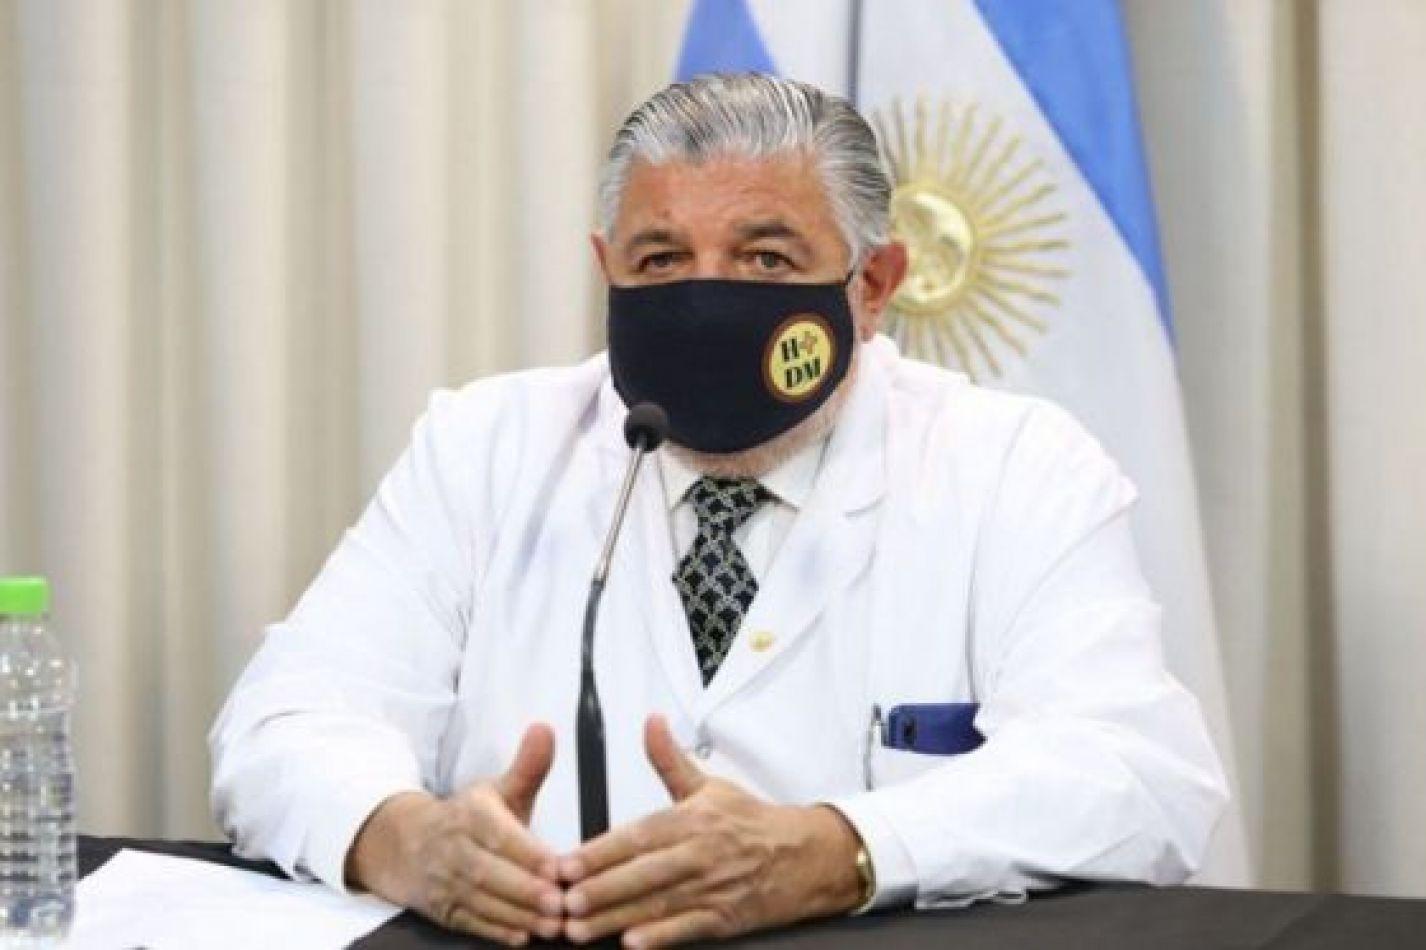 En Salta se restringirá la circulación nocturna: nadie sale desde el sábado entre las 2 y 6 de la mañana